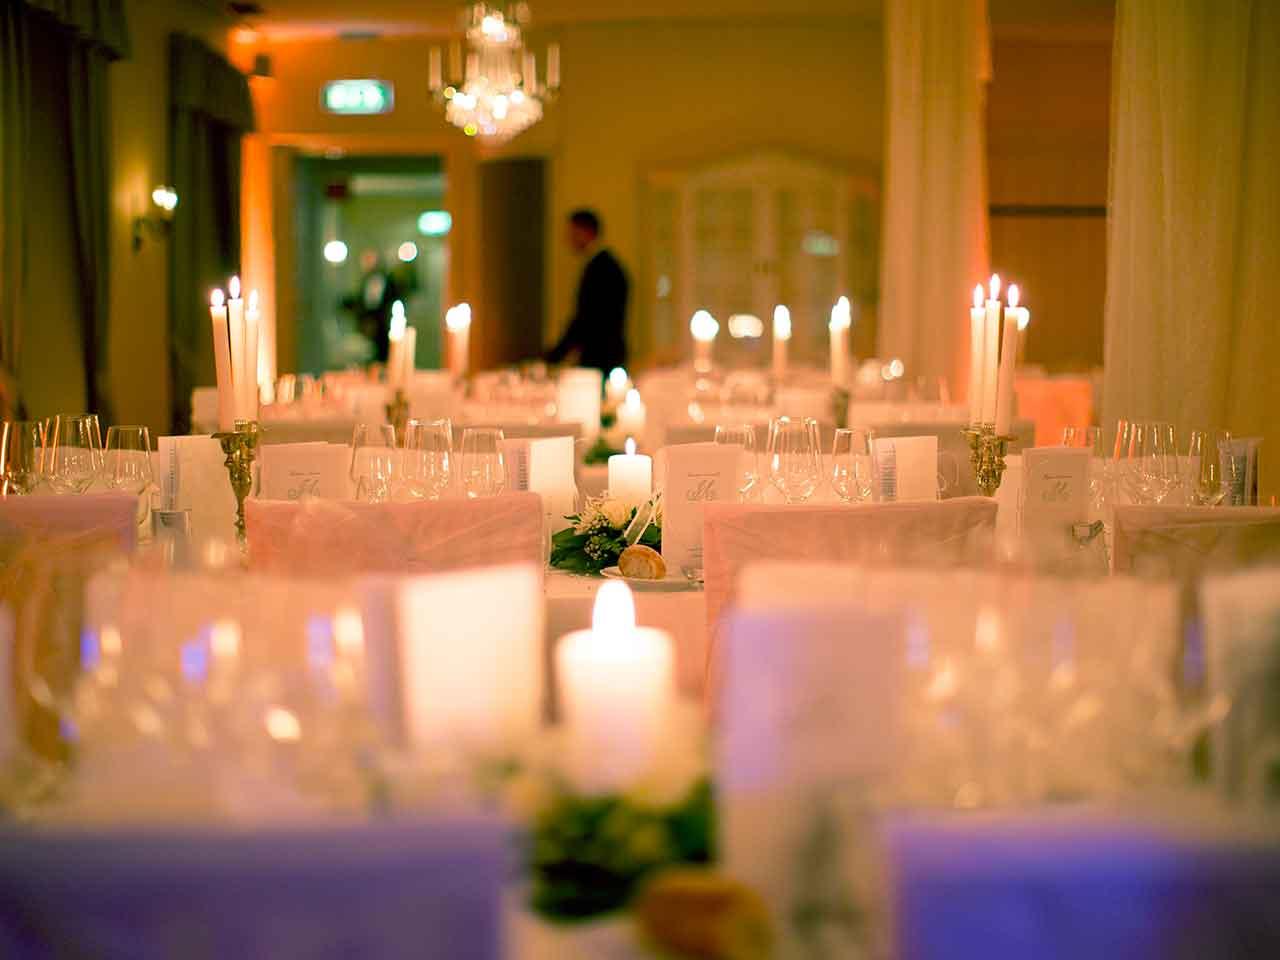 Festvåning på Långholmen - Vacker och lummigt bröllop